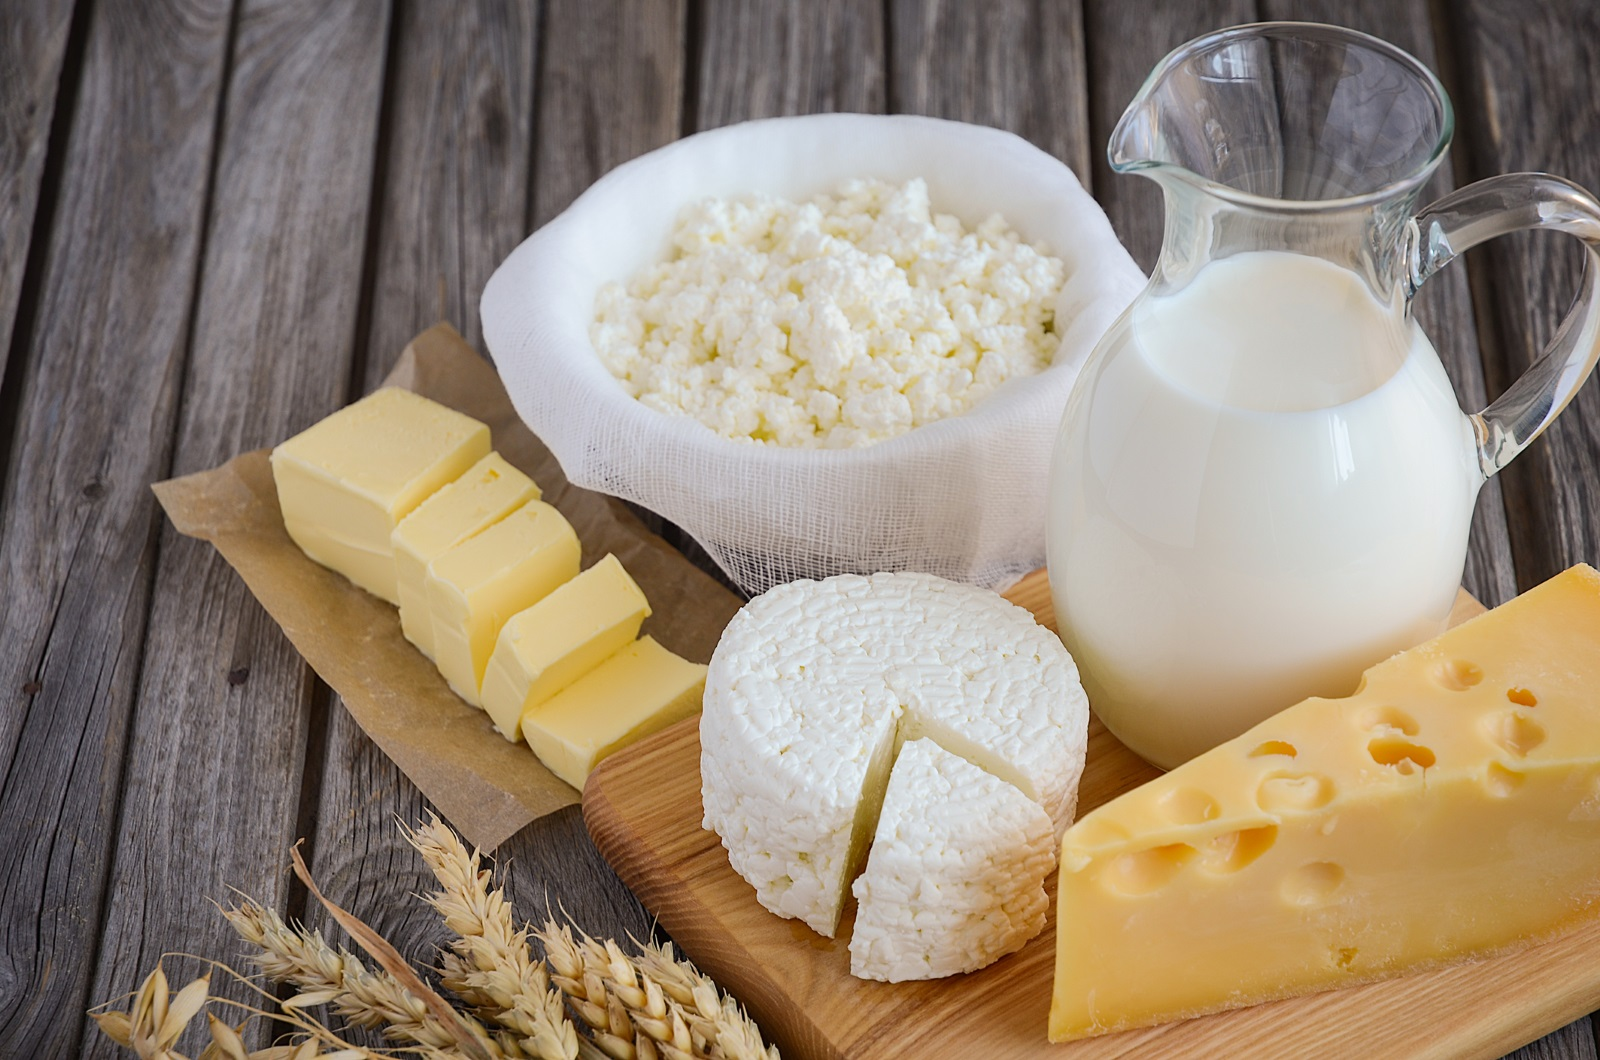 Сирене е още един продукт, който е на-добре да се консумира сутрин, защото в по-малки количества стимулира отслабването. Категорично не се препоръчва вечер. Тогава е труден за усвояване, може да натрупа мазнини и да ви причини стомашни проблеми.